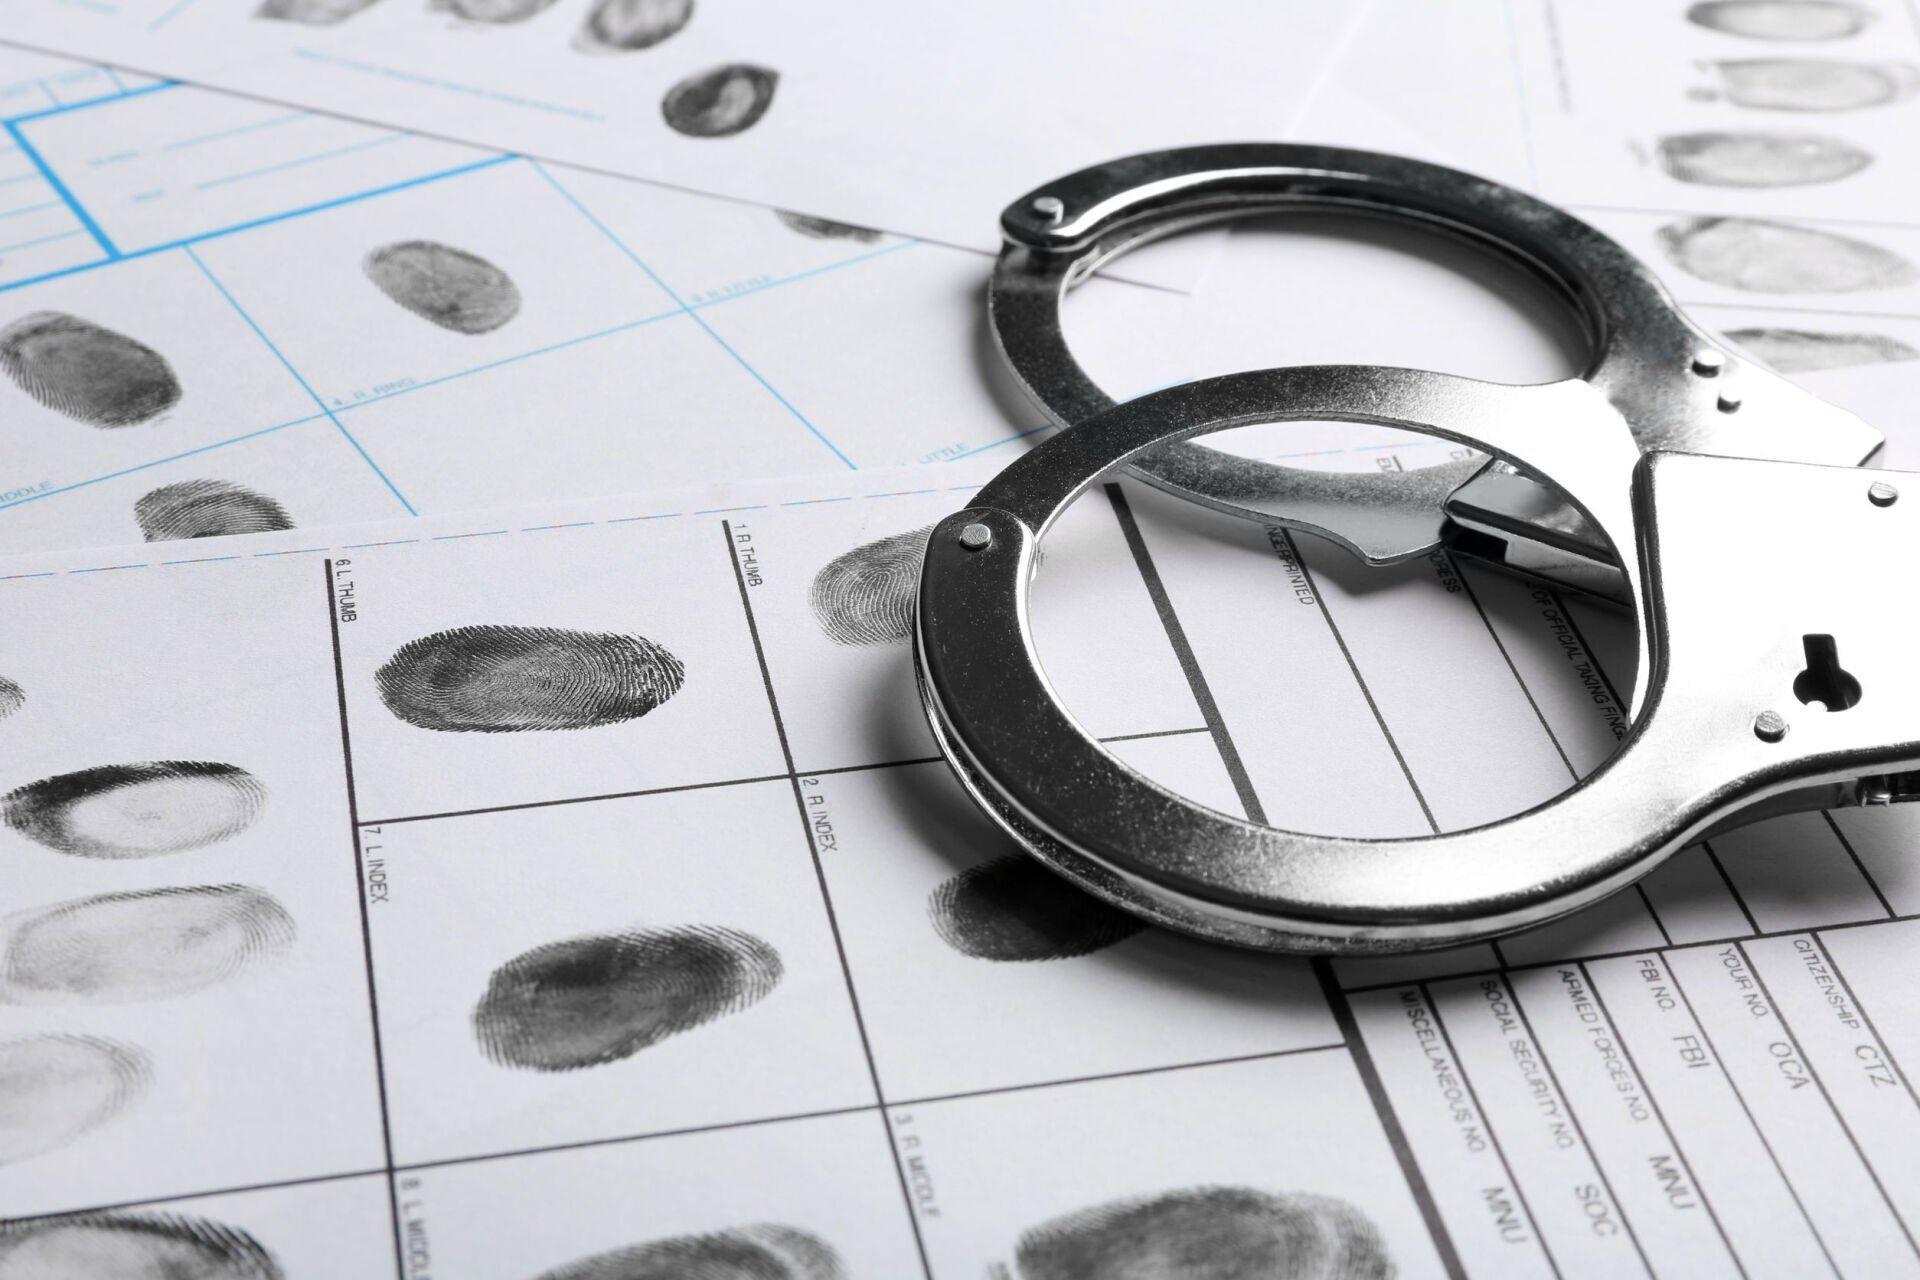 Curso online grátis de Conceitos de Criminologia Aplicada à Segurança Pública